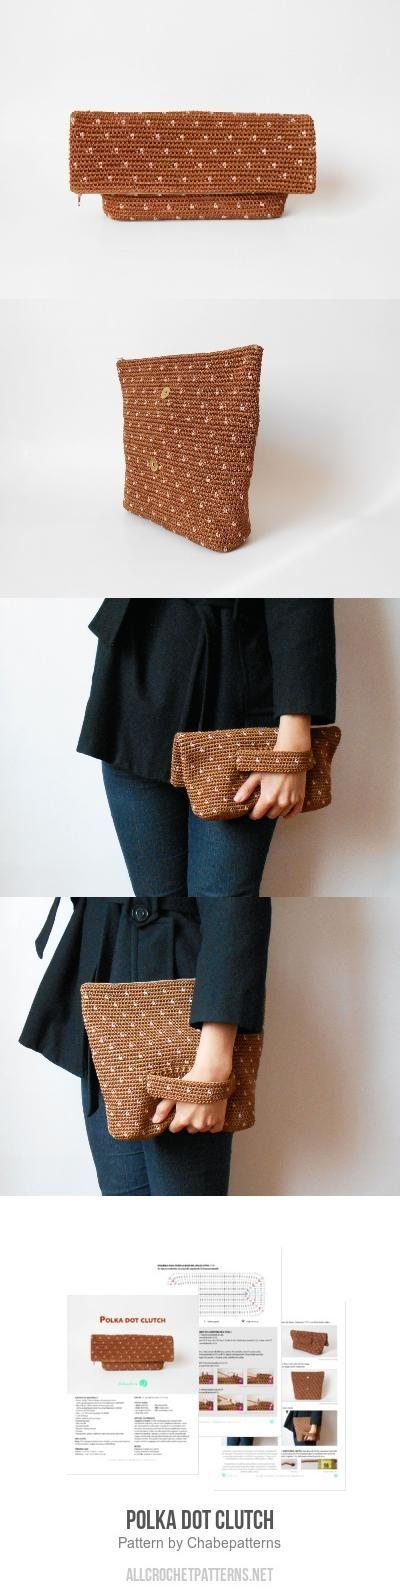 Polka dot clutch crochet pattern